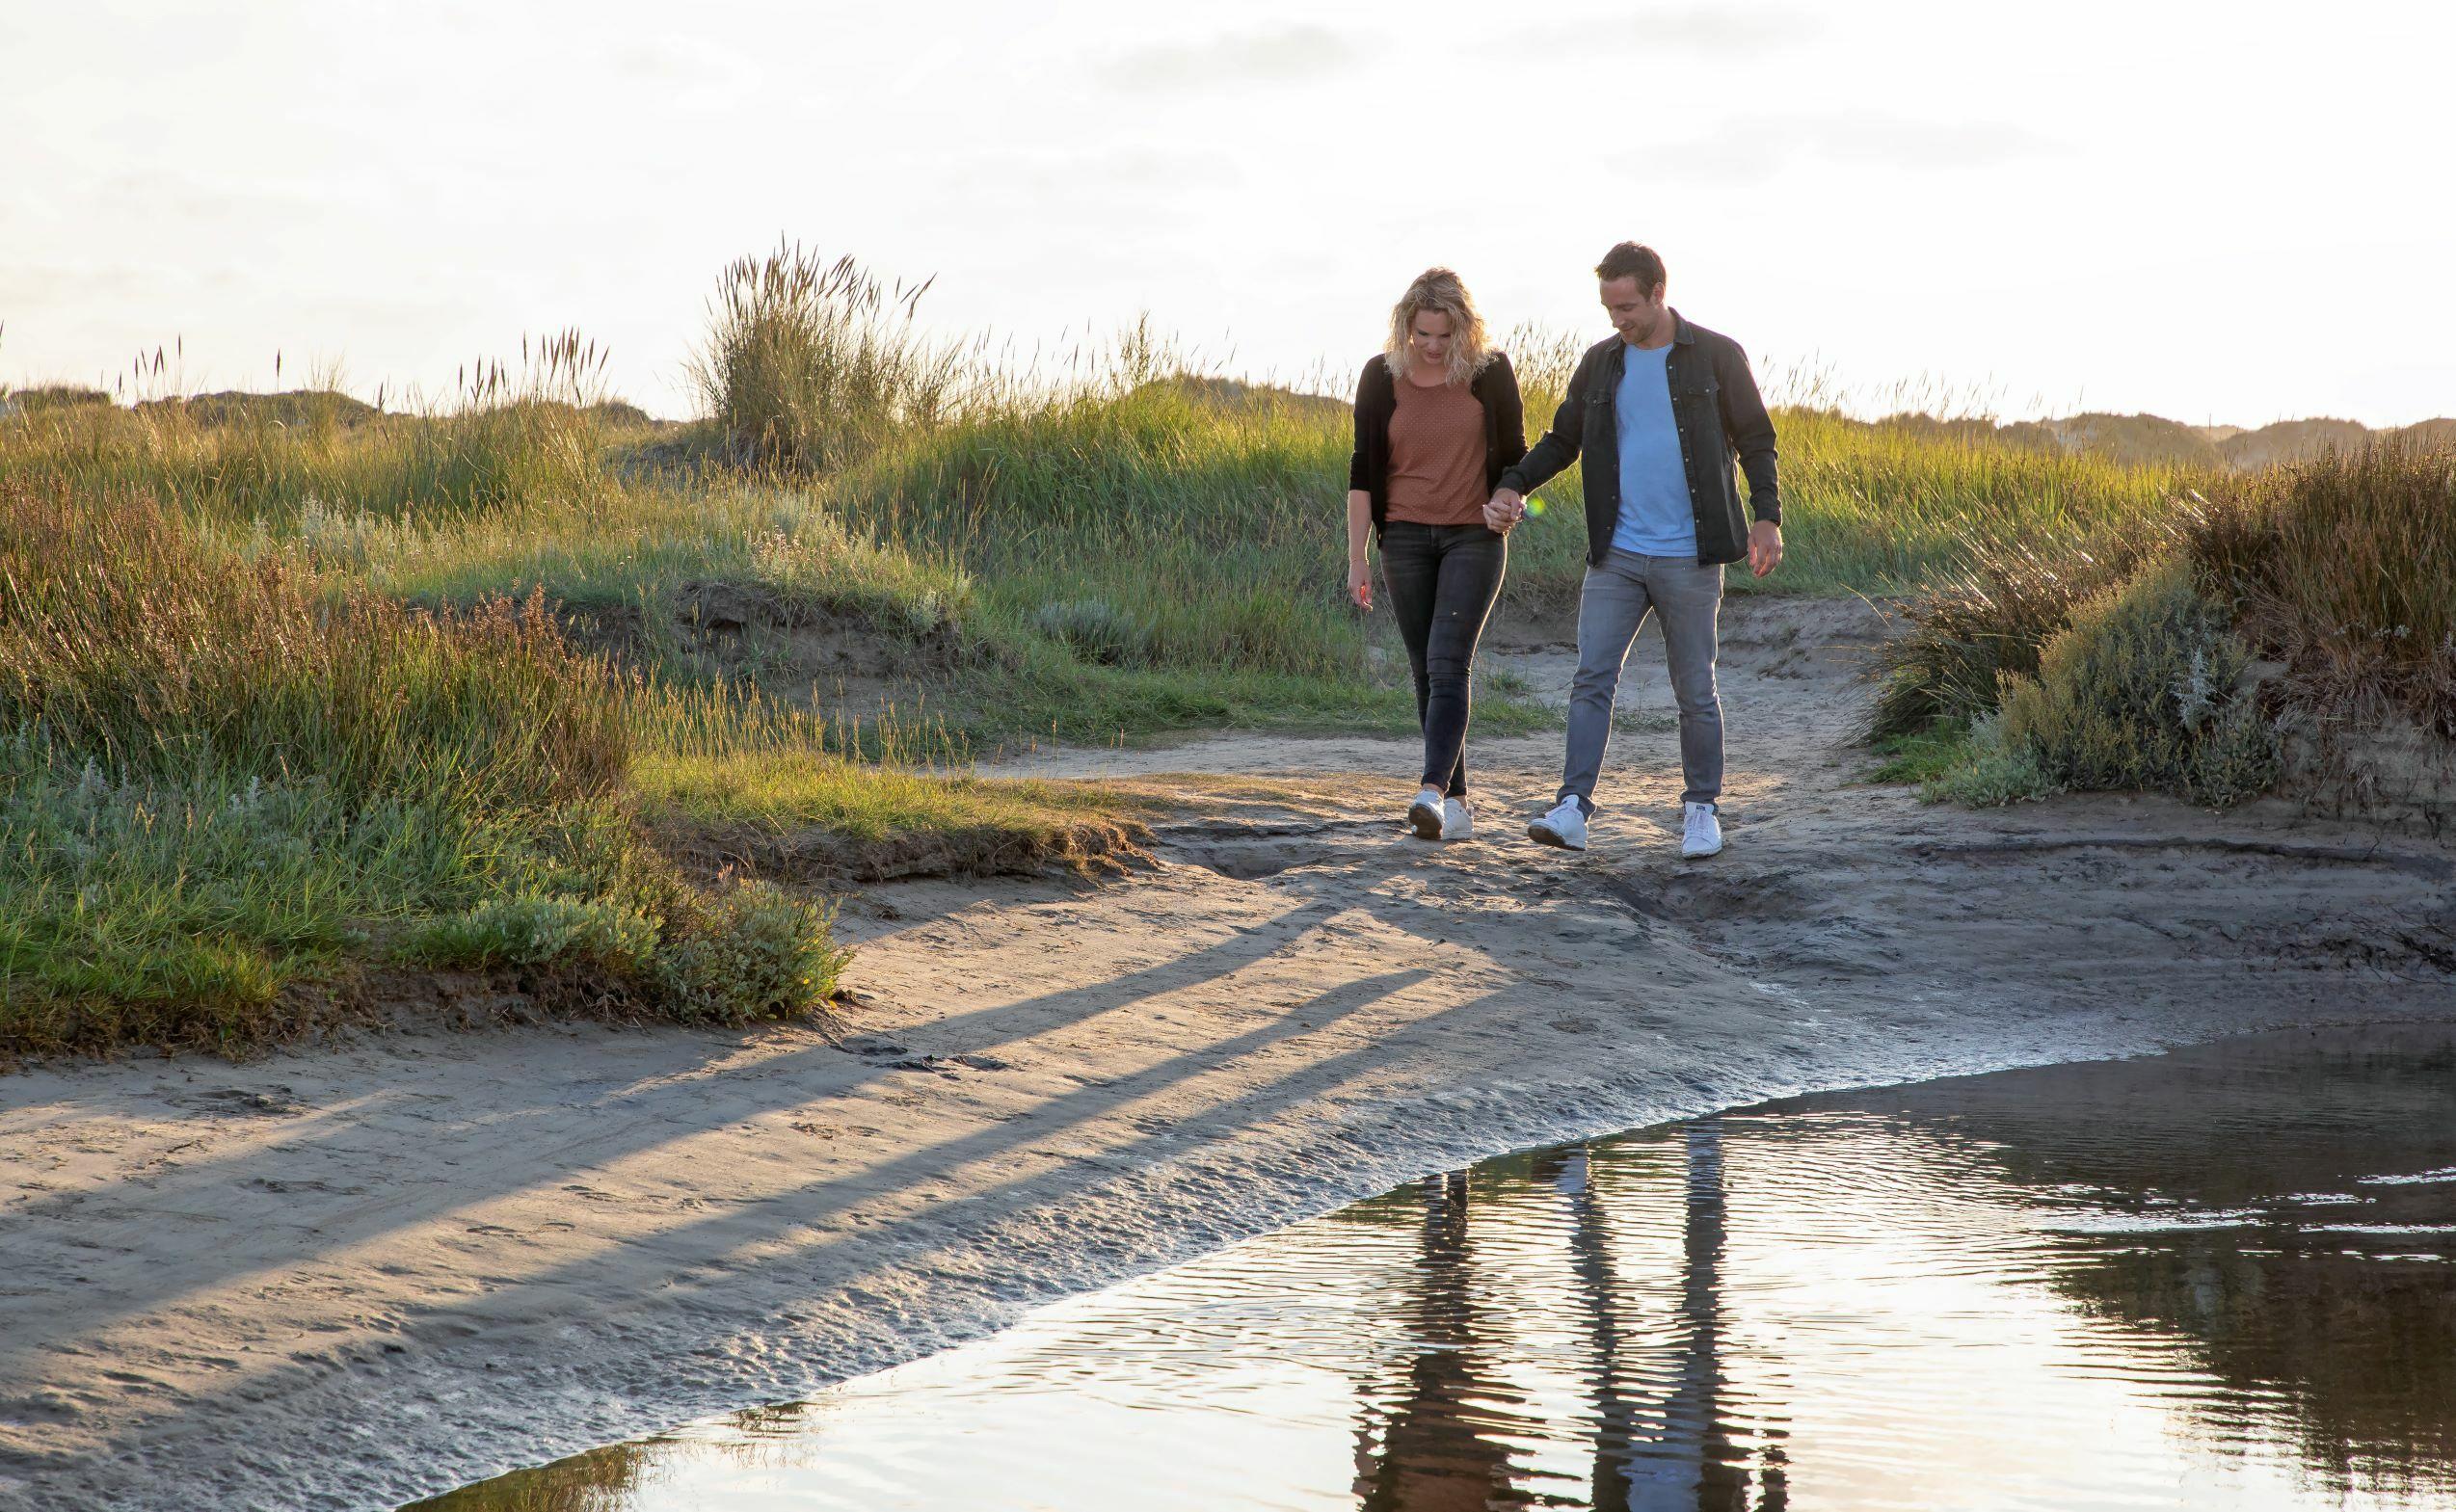 Romantisch wandelen door De Slufter VVV Texel fotograaf Justin Sinner